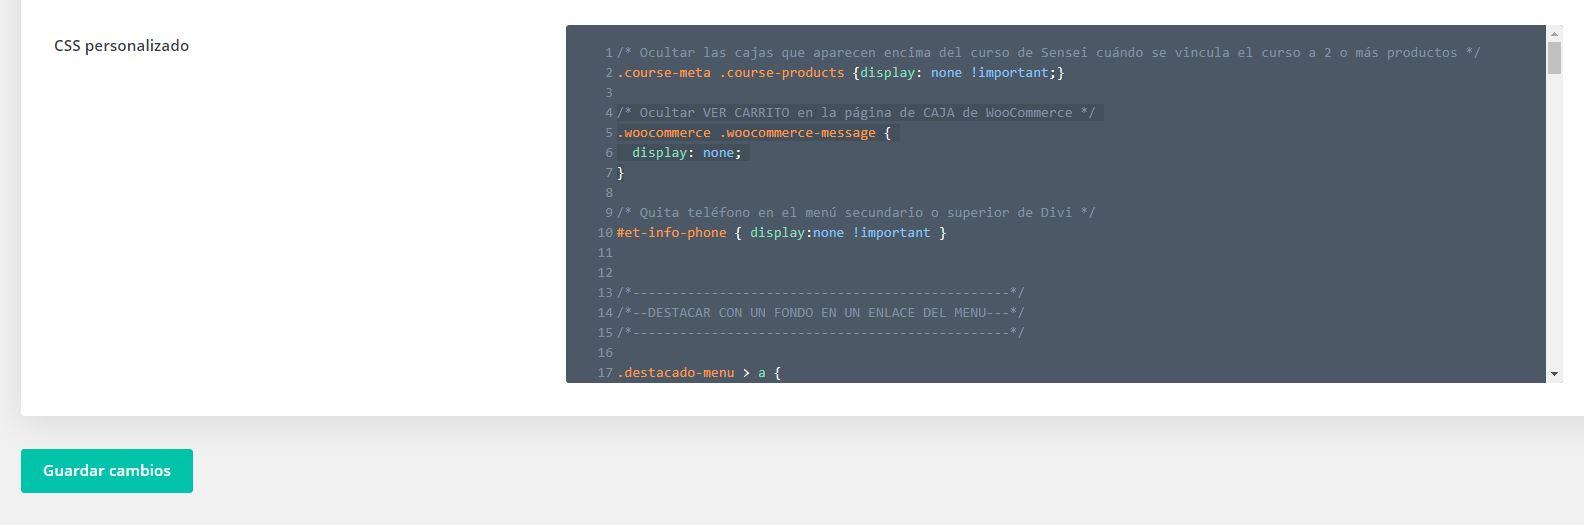 Los códigos que uso en mi web de www.cursowp-online.com